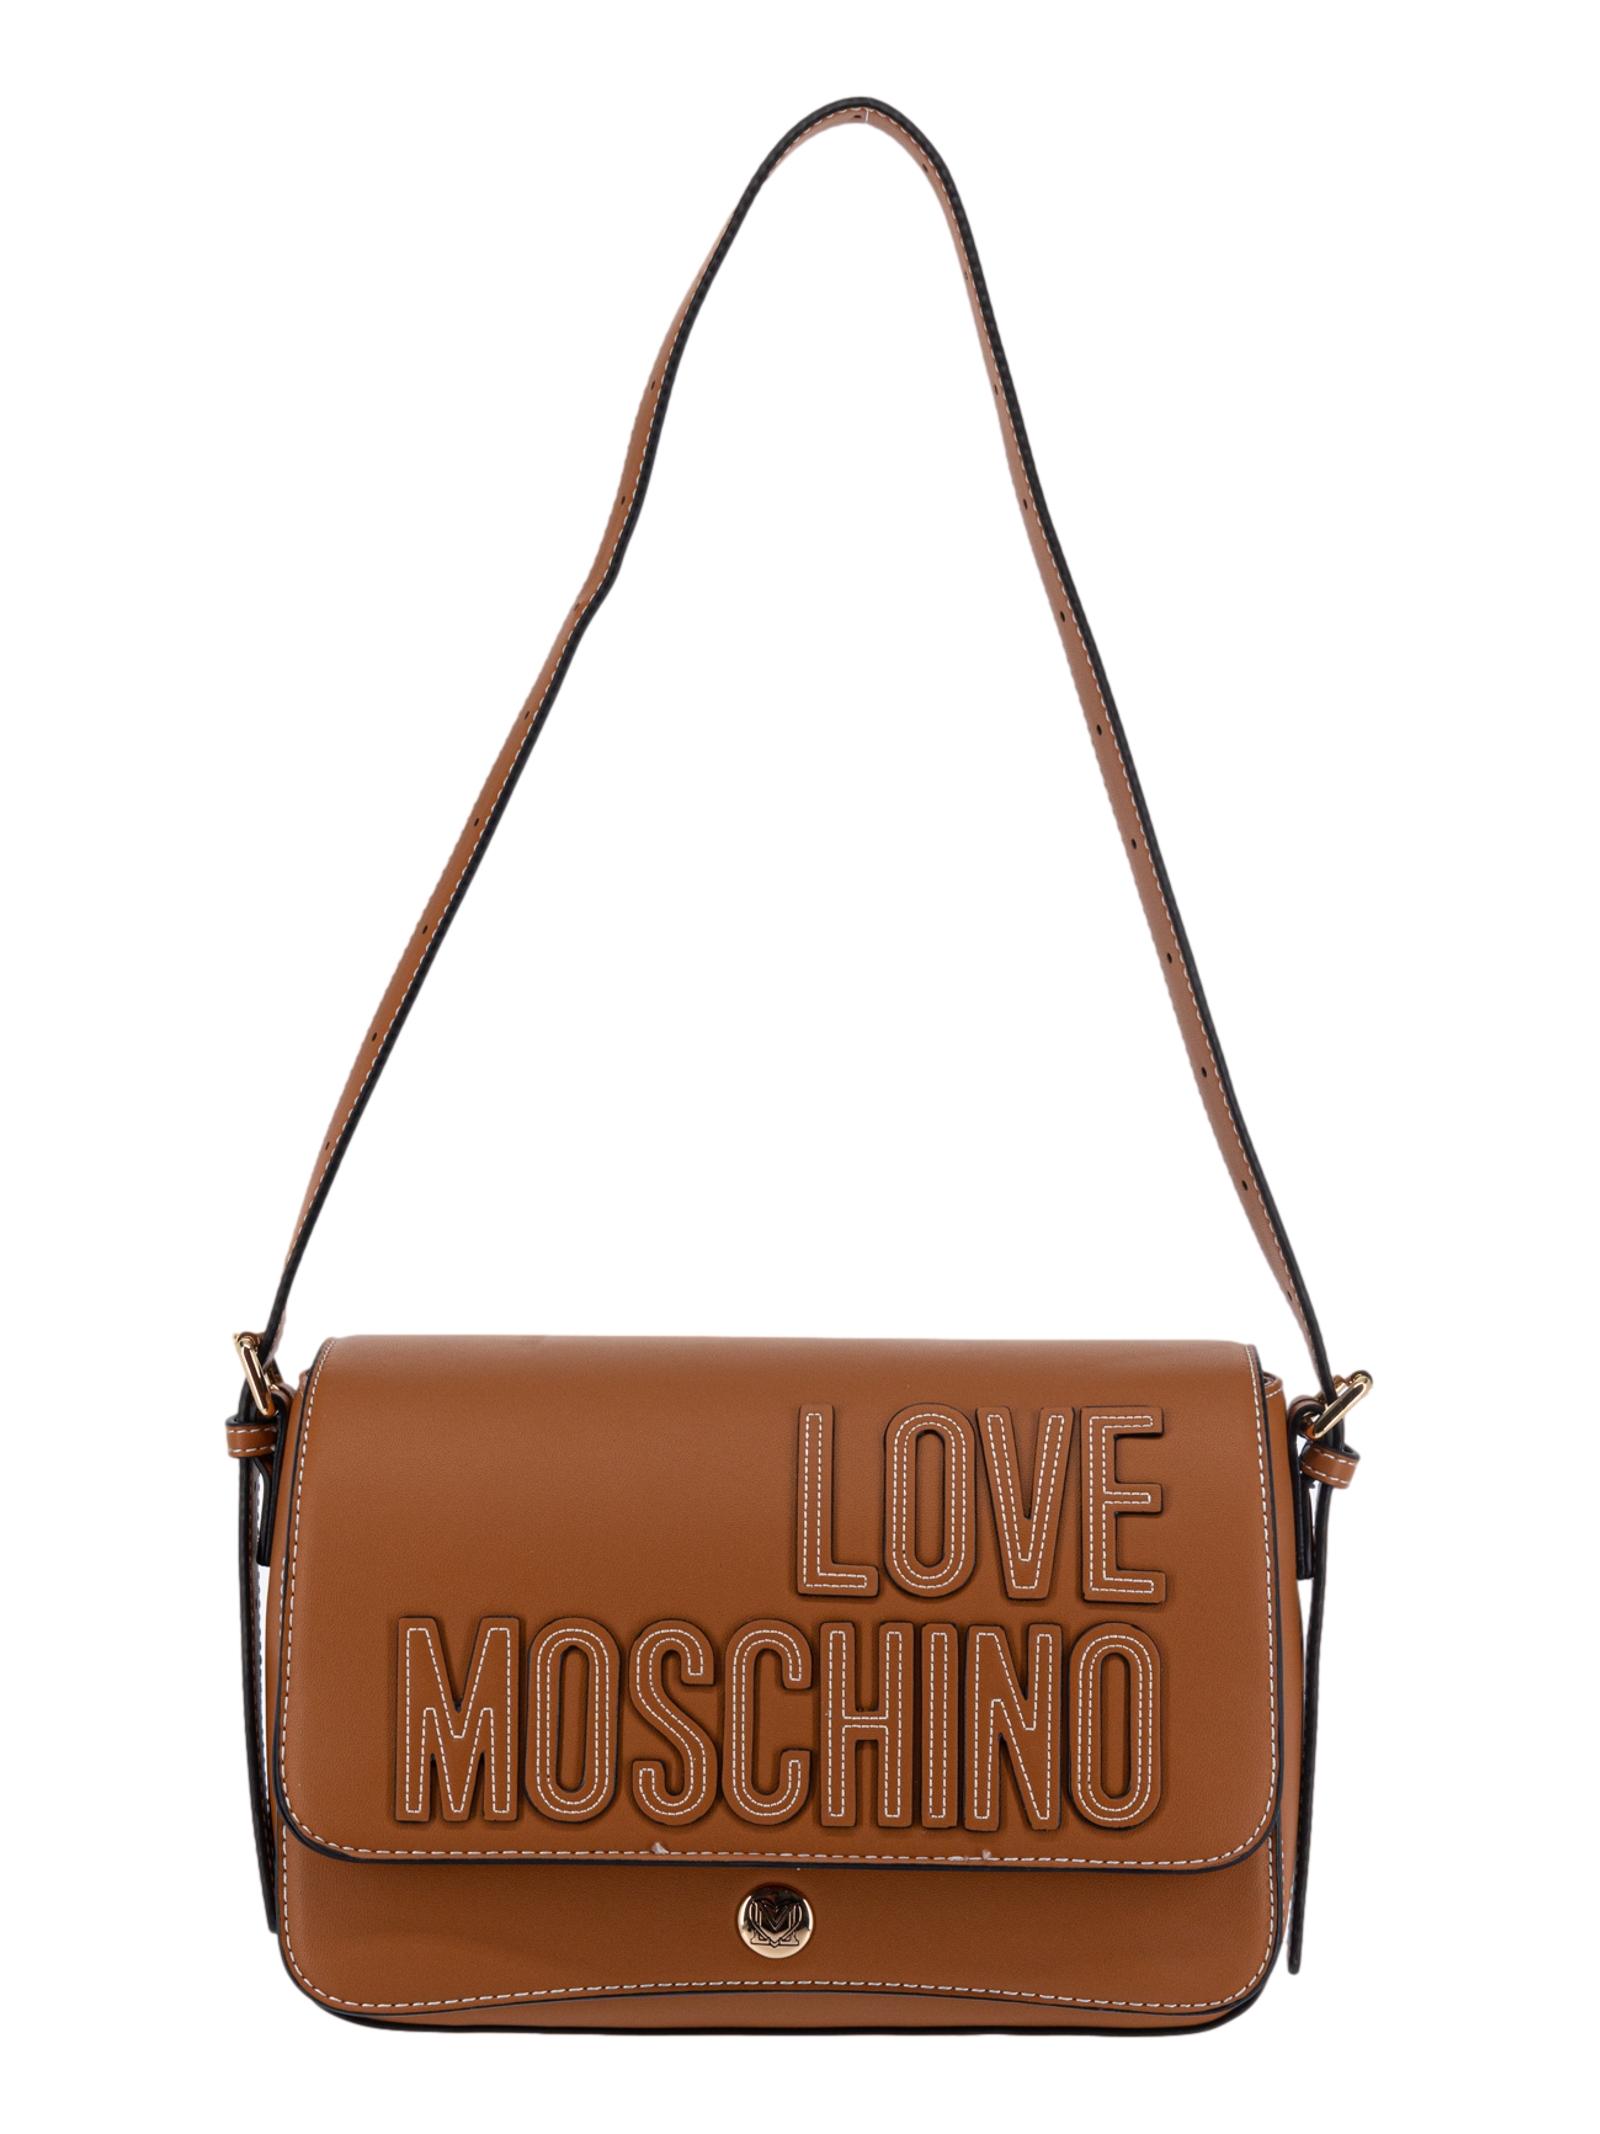 Love Moschino Borsa a Tracolla Donna Biscotto